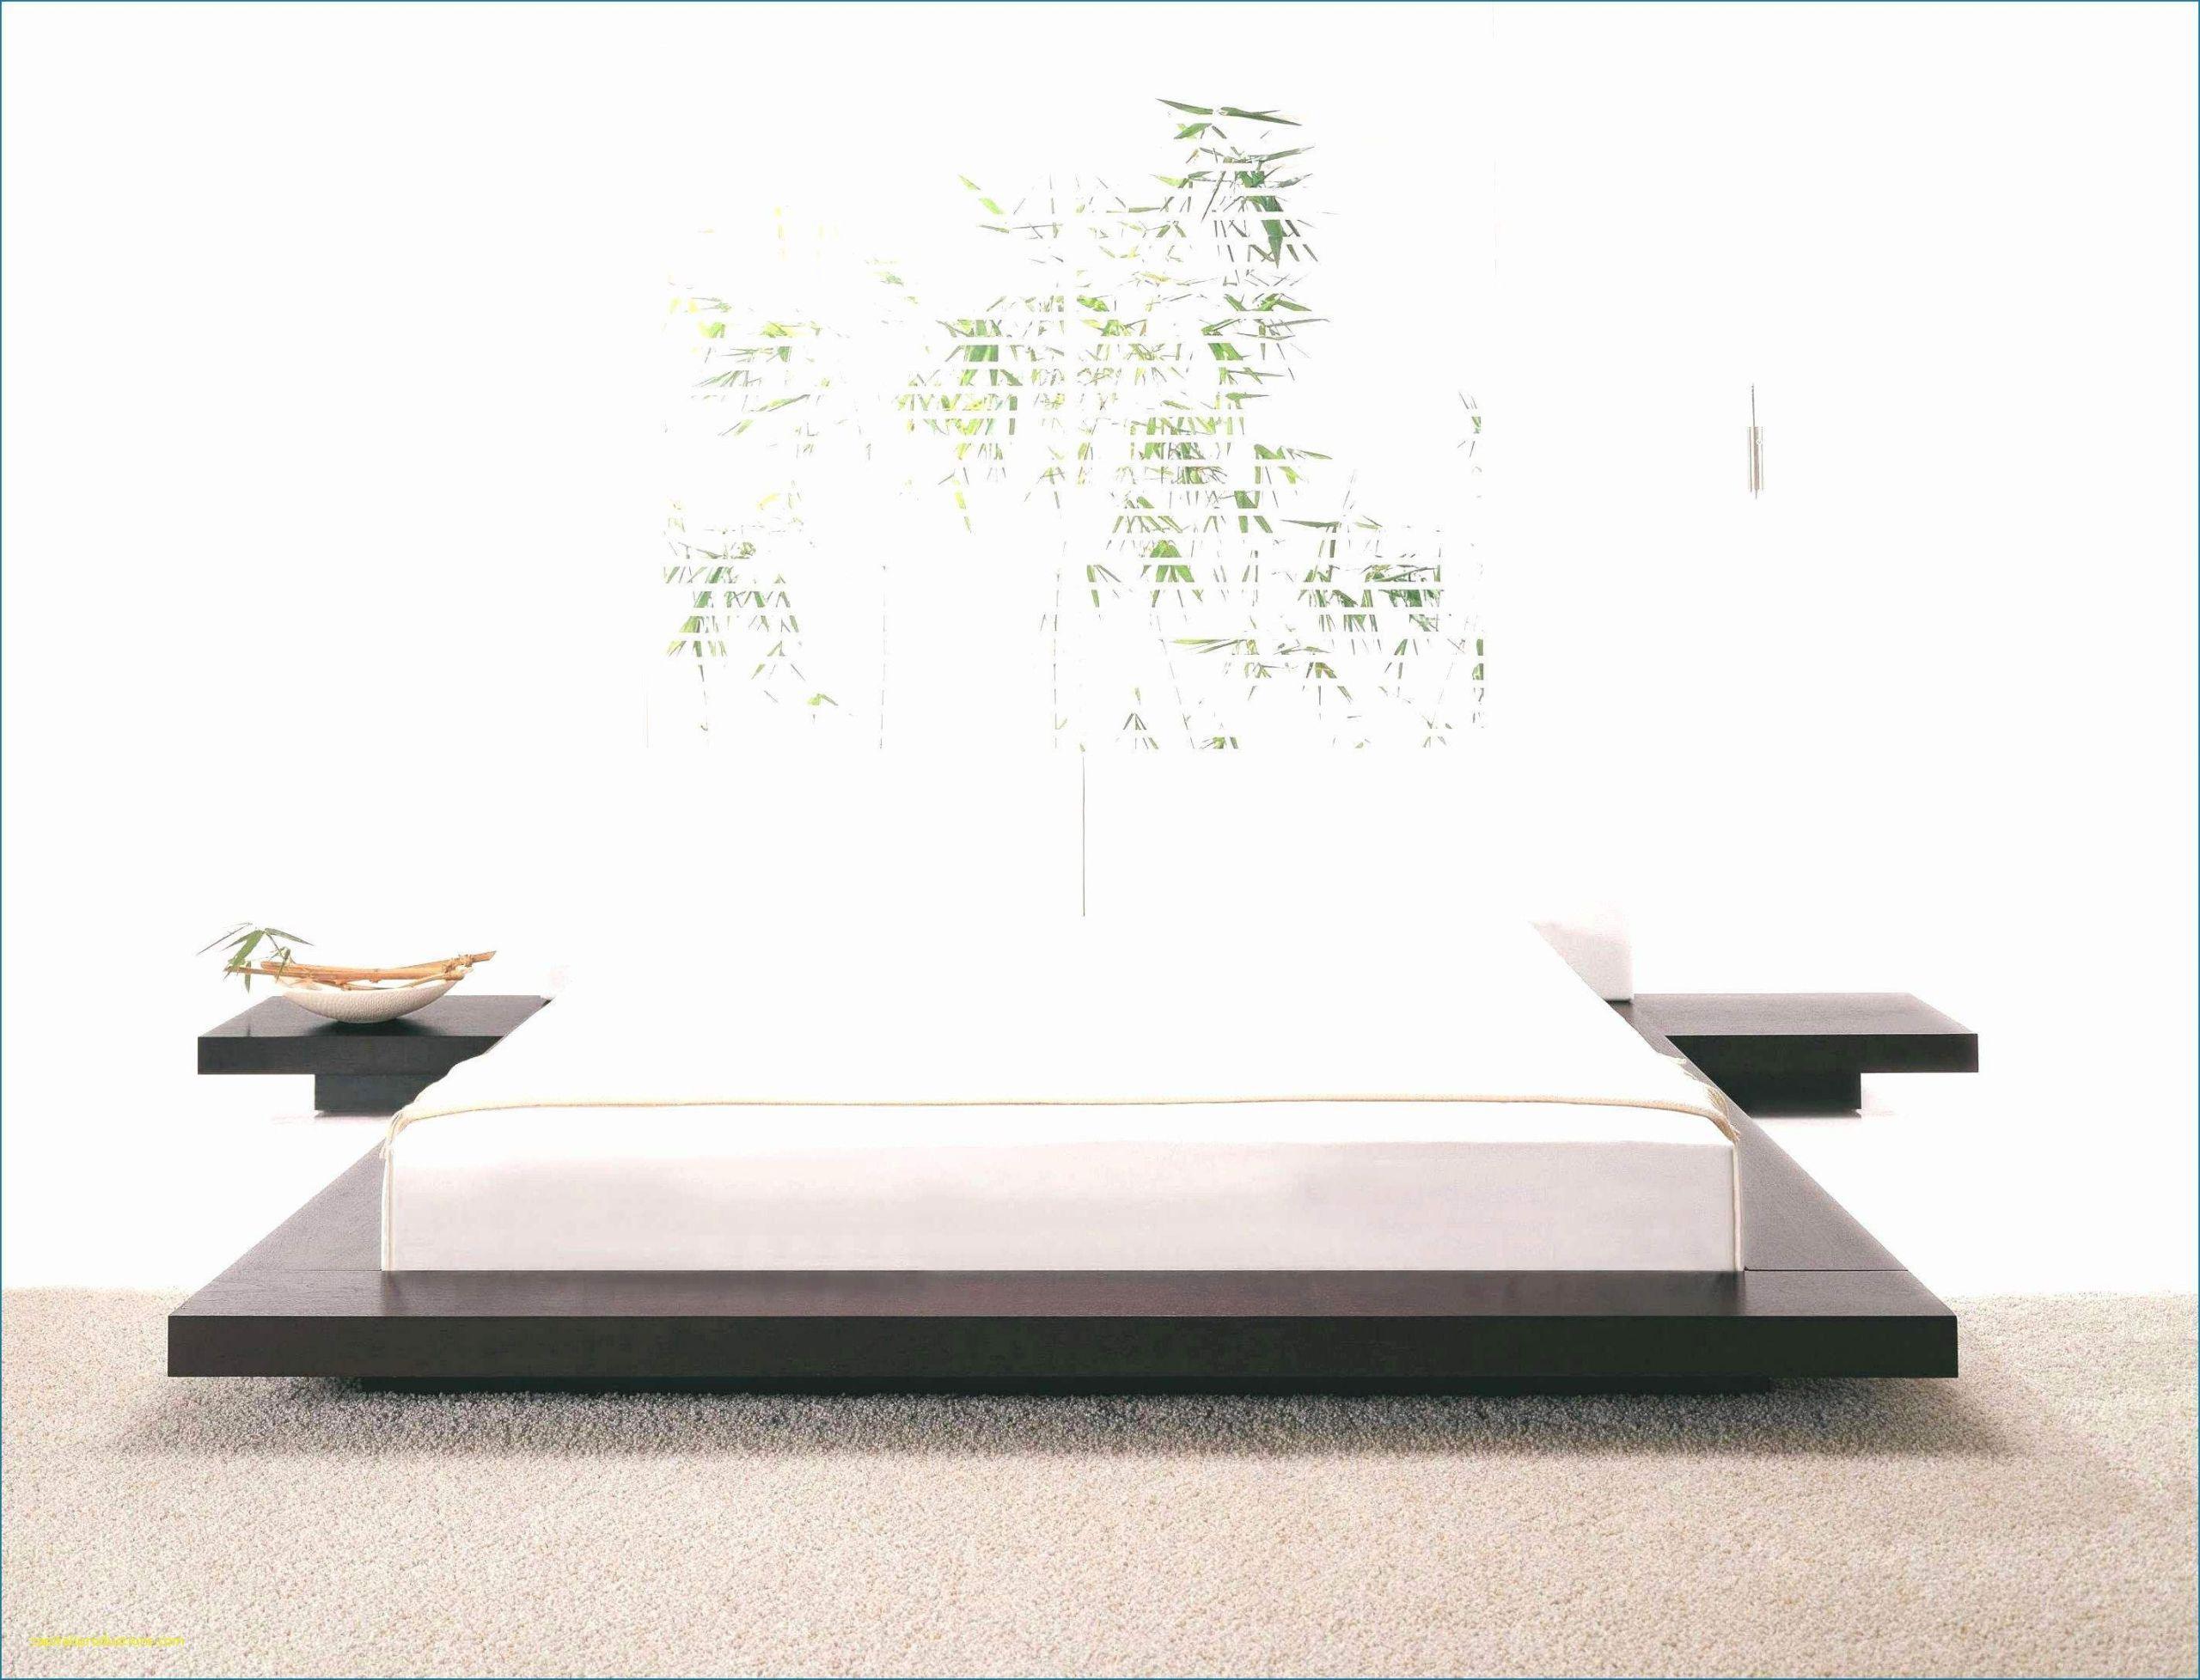 Full Size of Japanisches Bett 25 Das Beste Von Wohnzimmer Neu Frisch 180x200 Günstig Metall 140x200 Mit Matratze Und Lattenrost 100x200 Massivholz Betten Selber Bett Japanisches Bett